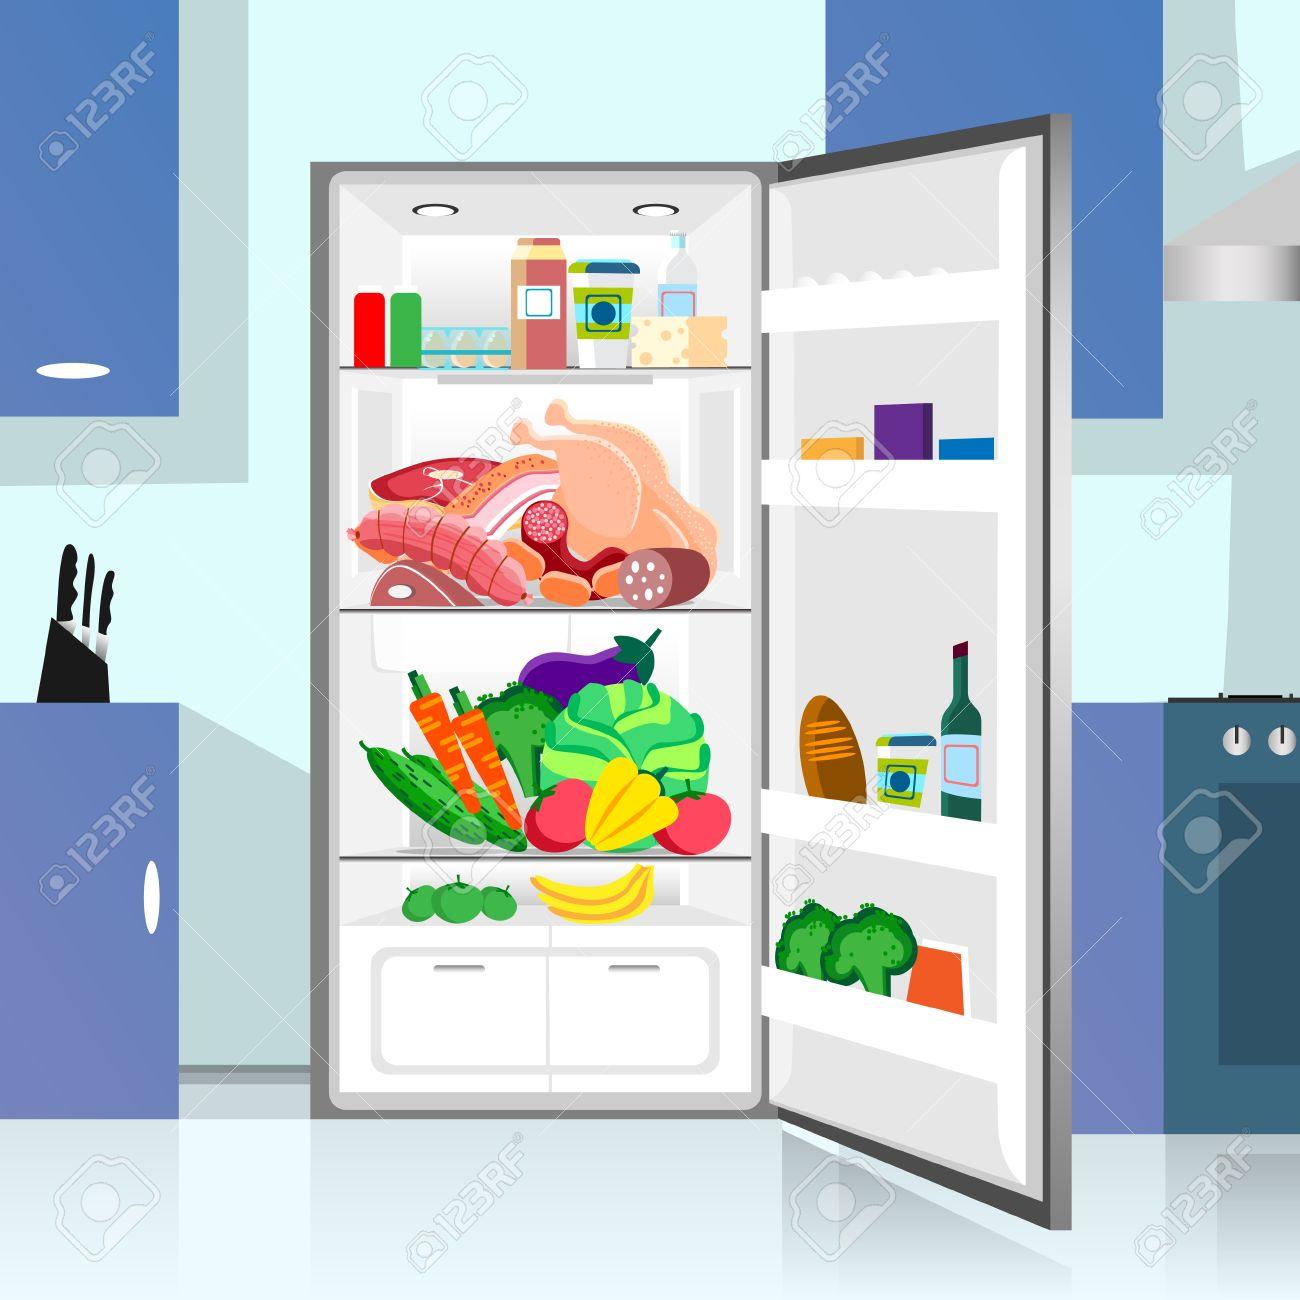 Eroffnet Kuhlschrank Lebensmittel Home Kuche Interieur Wohnung